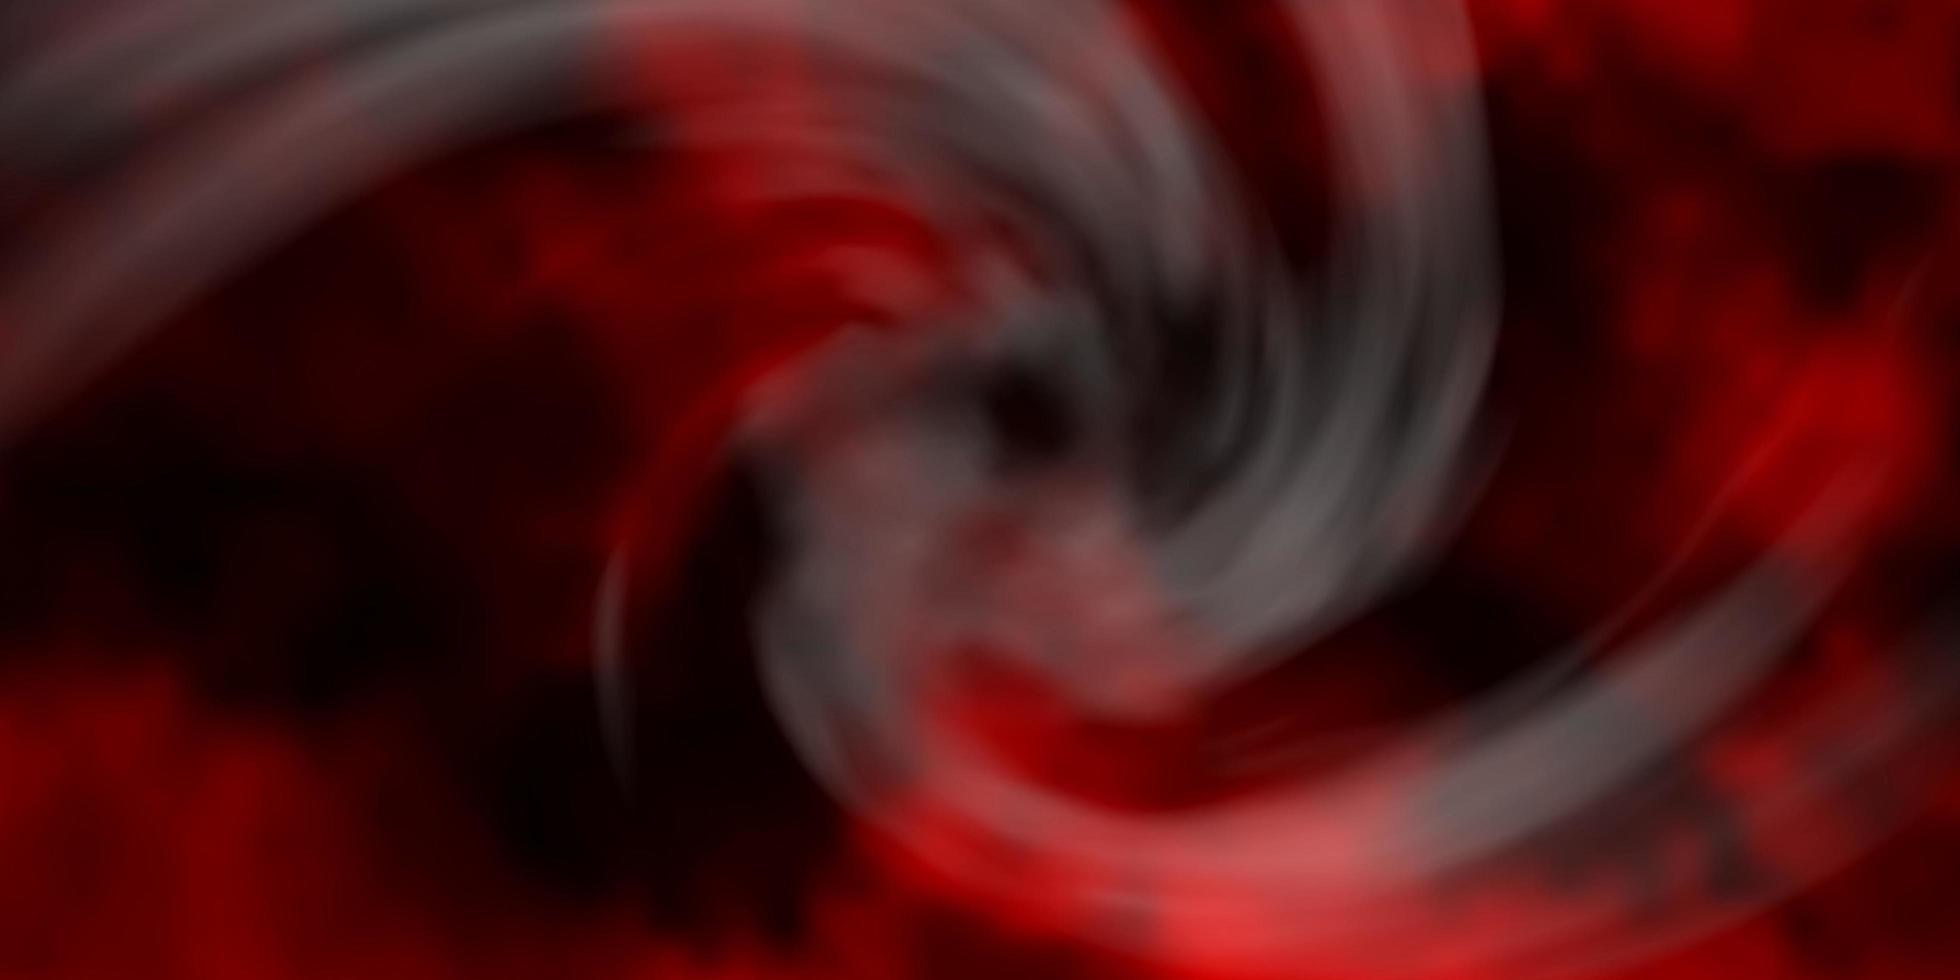 texture vecteur rouge foncé avec ciel nuageux.